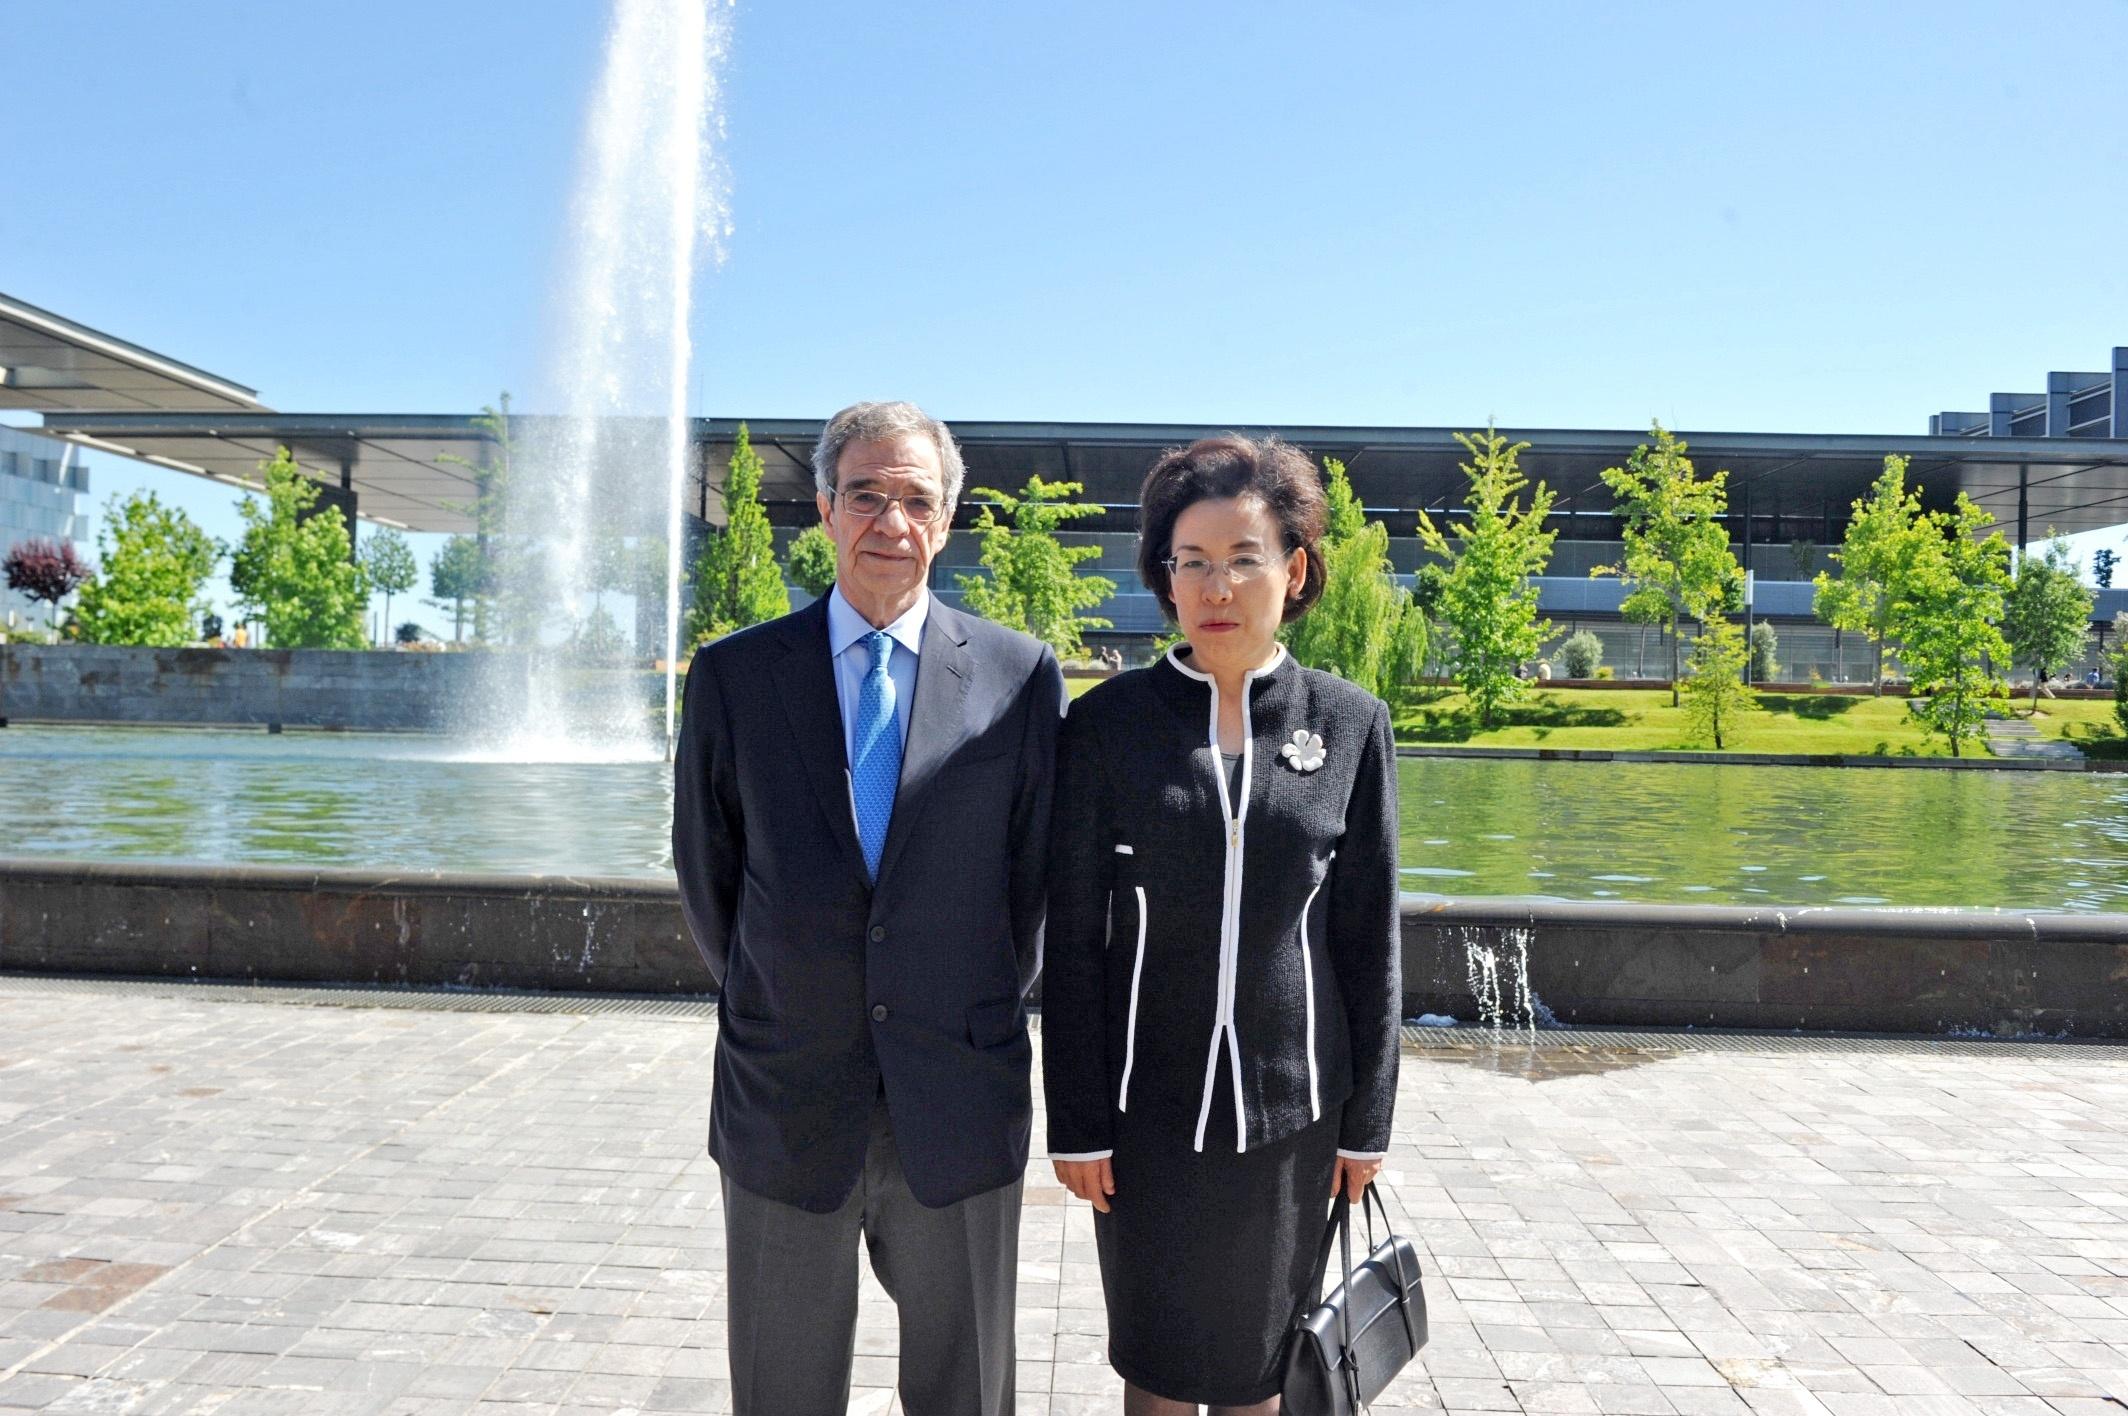 La delegación del Gobierno chino visita la sede de Telefónica en Madrid